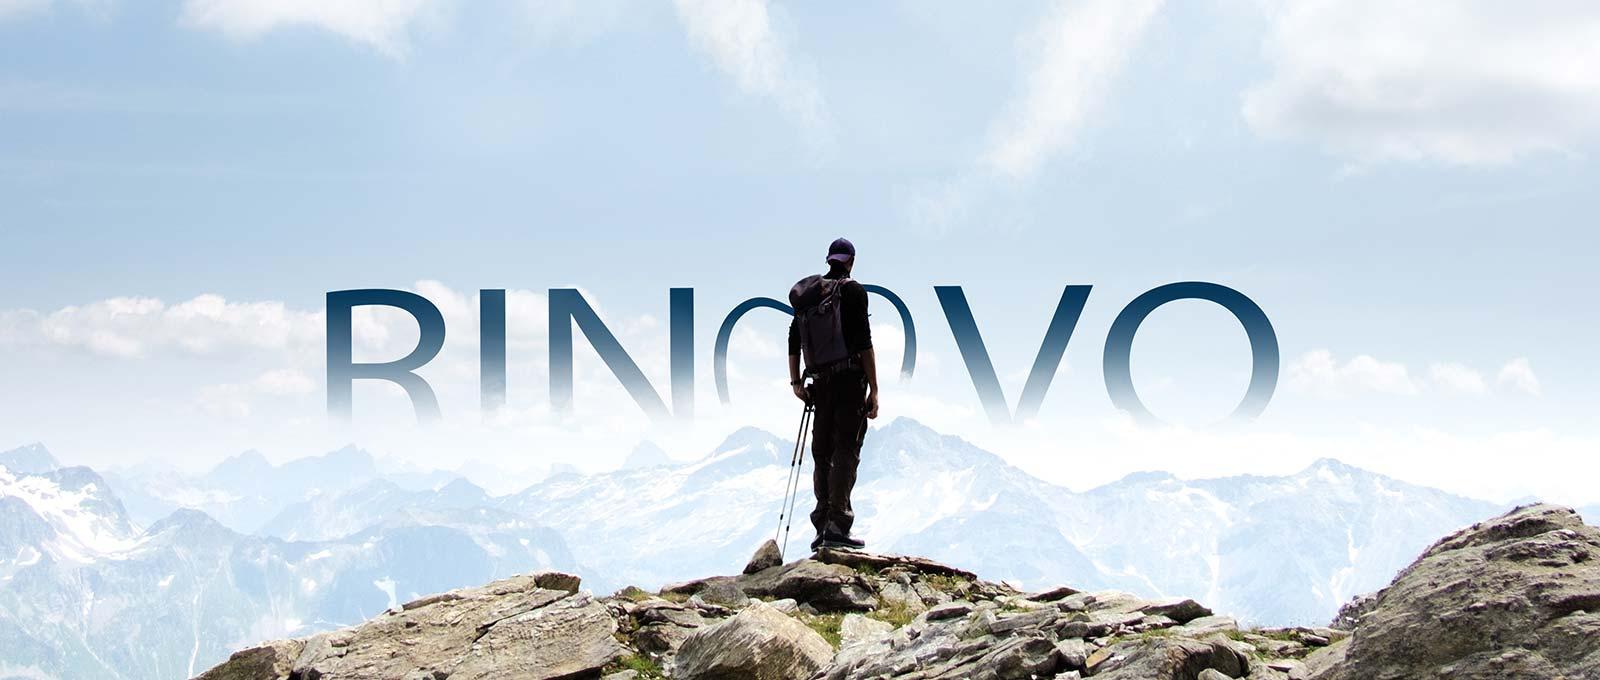 Ein Wanderer steht auf einer Bergspitze und betrachtet die Buchstaben Rinovo von Zahntechnik Rißmann, einem Dentallabor aus Sachsen-Anhalt, über den Gipfeln.